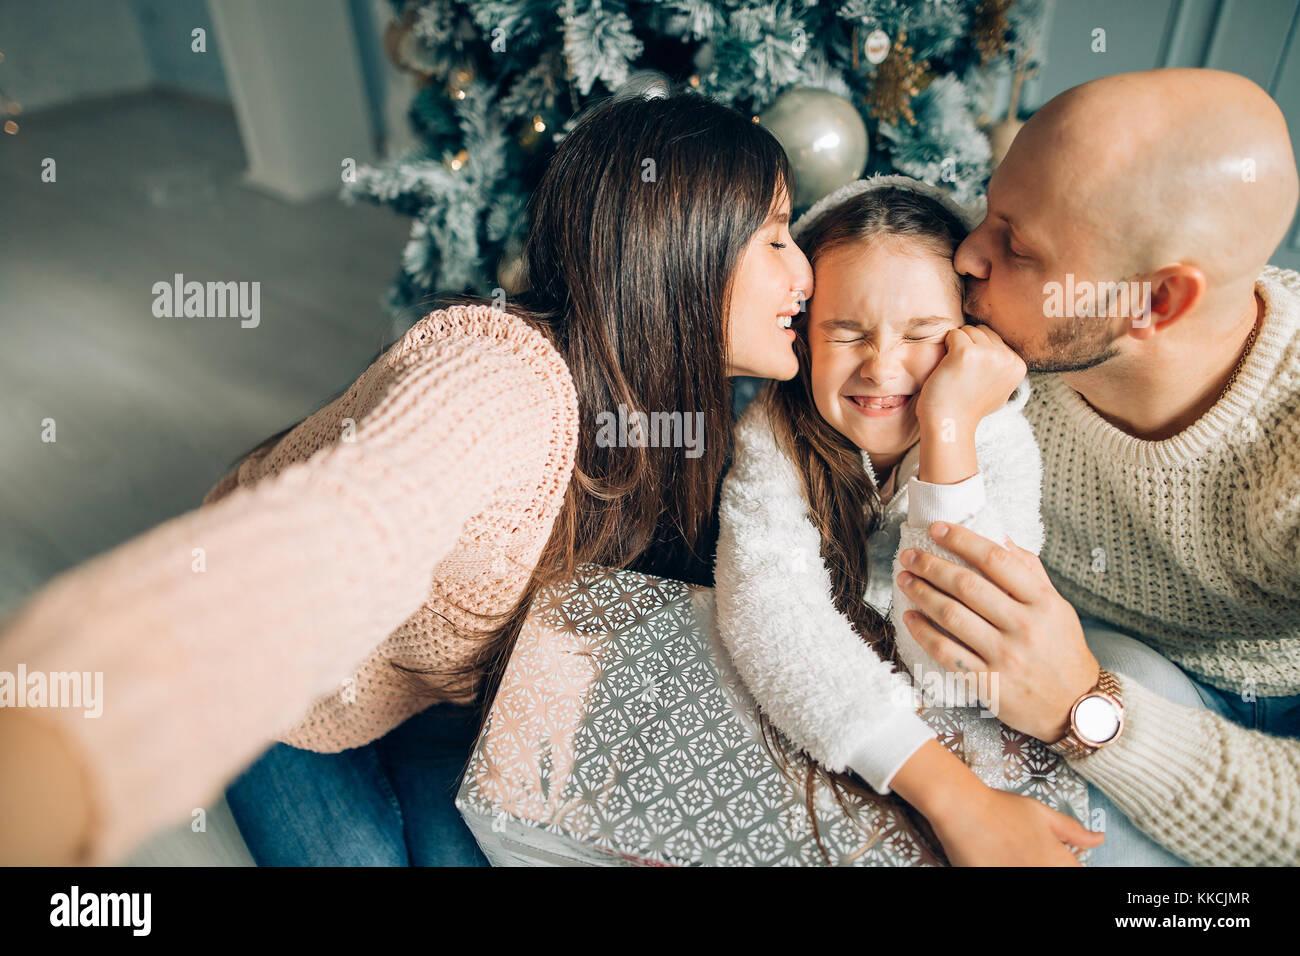 Família alegre fazendo quadrinhos xmas selfie e mostrando a língua Imagens de Stock